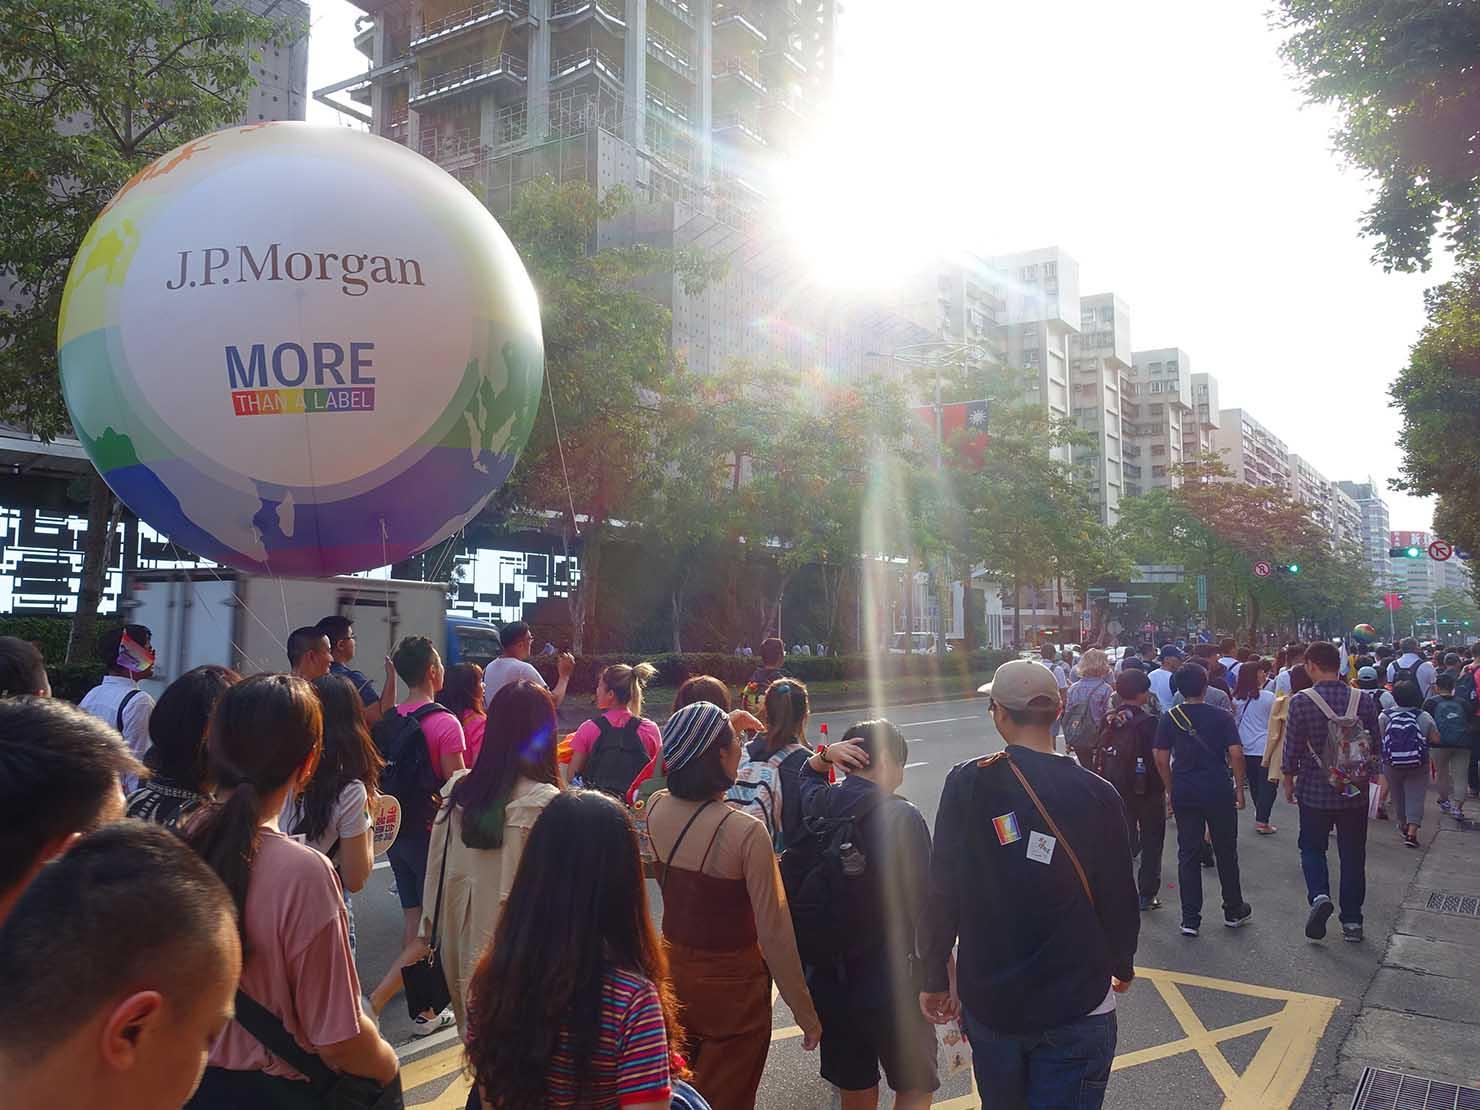 台灣同志遊行(台湾LGBTプライド)2019のパレードに登場した巨大レインボーボール